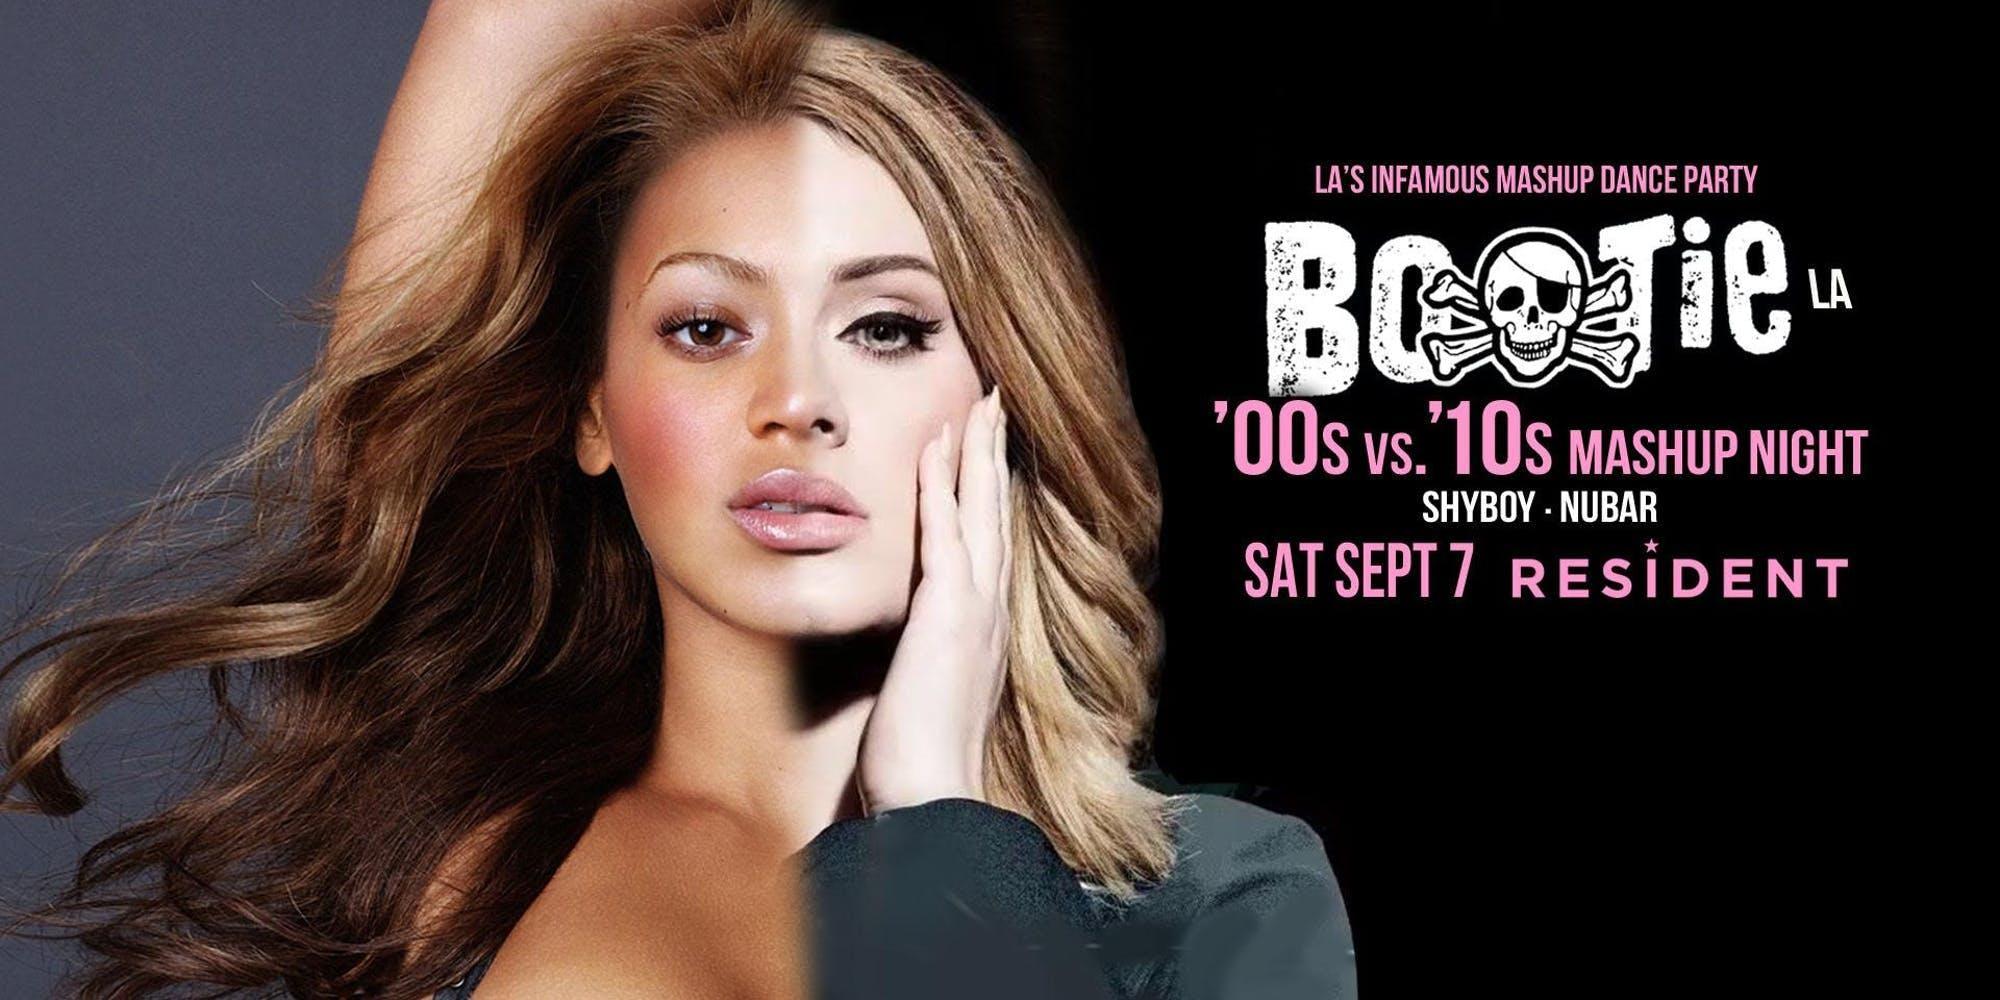 Bootie LA: '00s vs. '10s Mashup Night